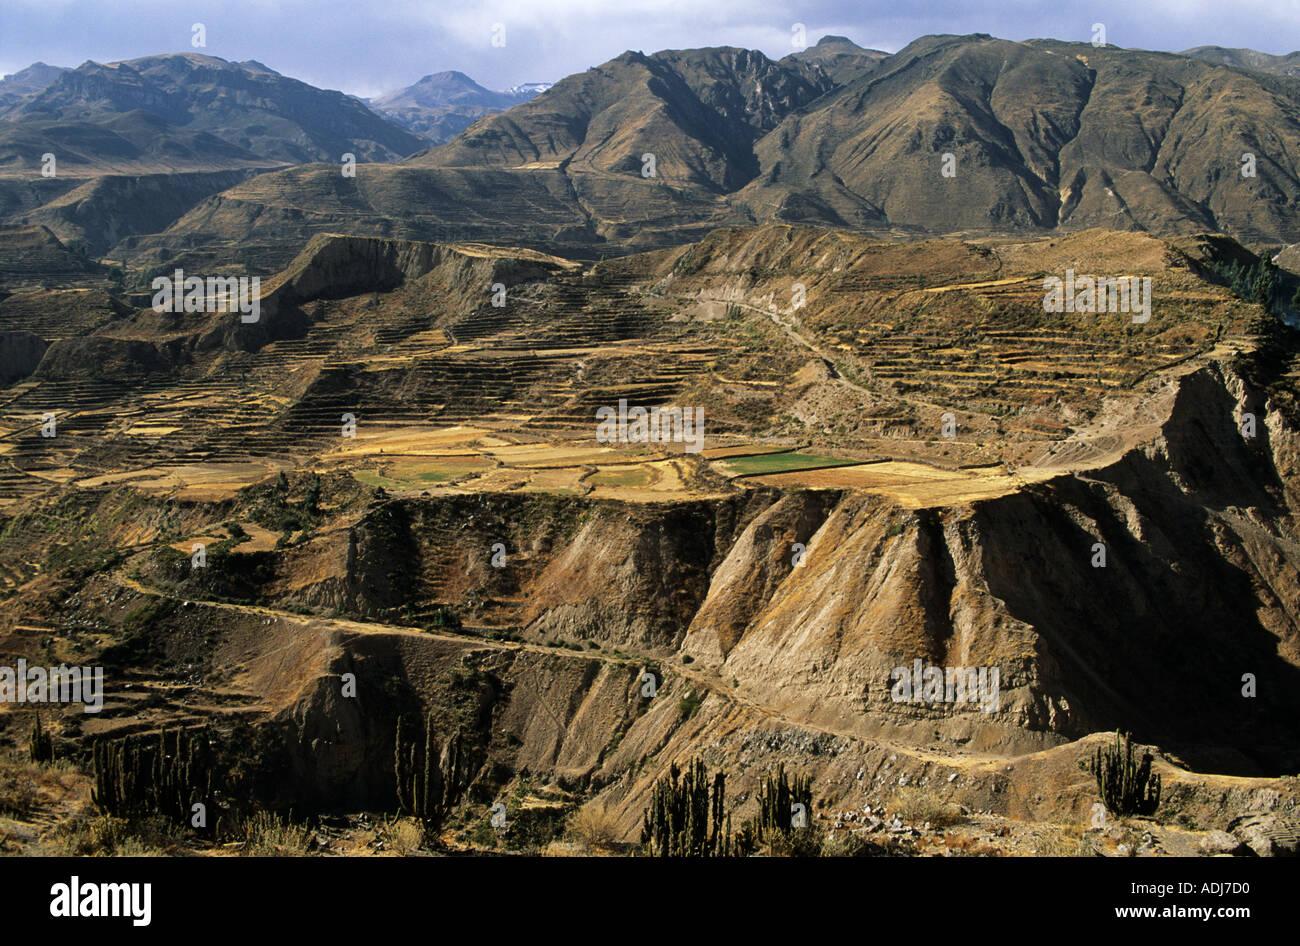 Contadino Inca Immagini   Contadino Inca Fotos Stock - Alamy dc8ac721e051